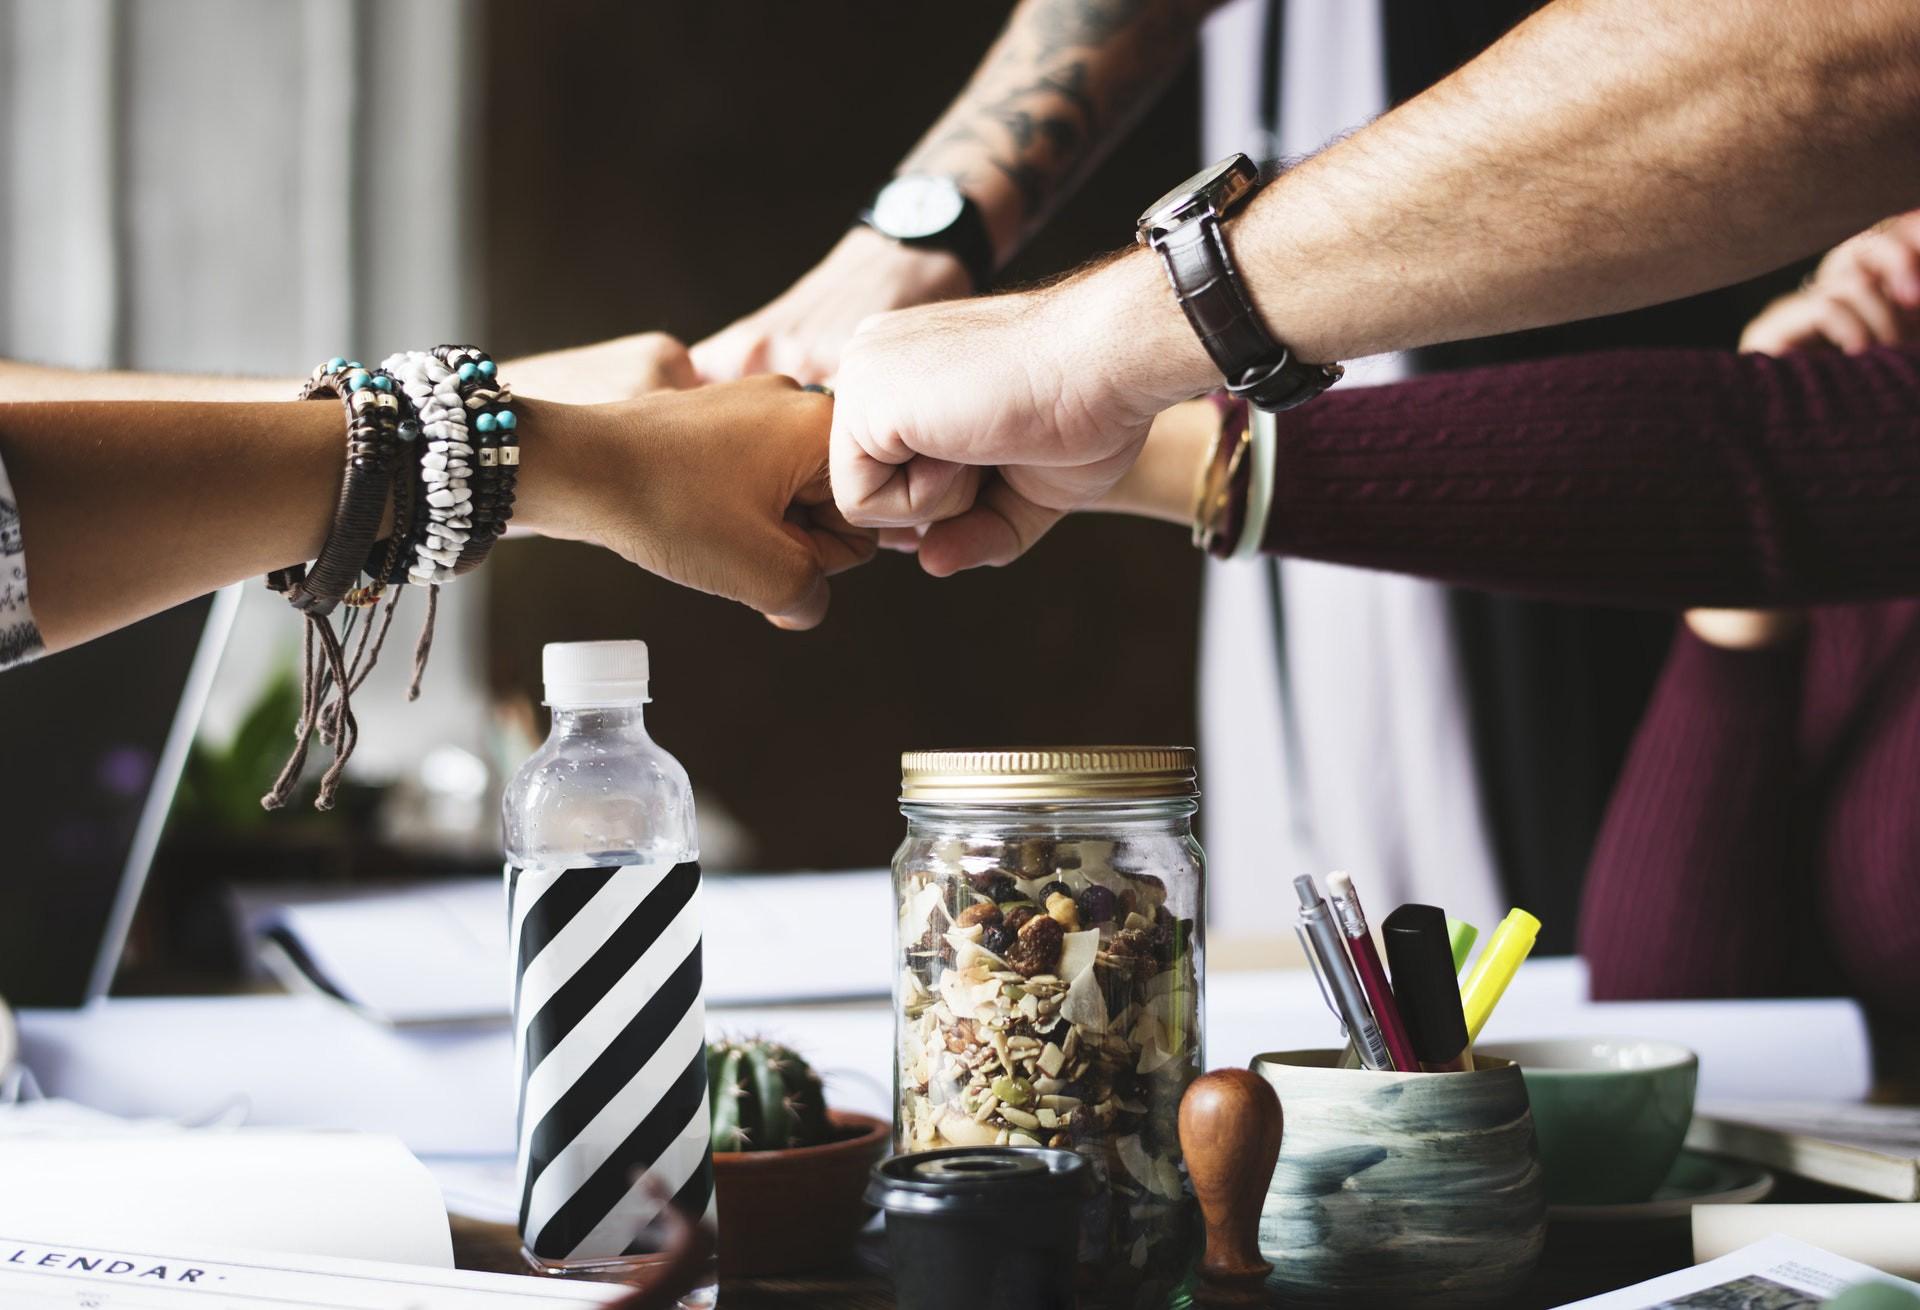 collaboration workshops